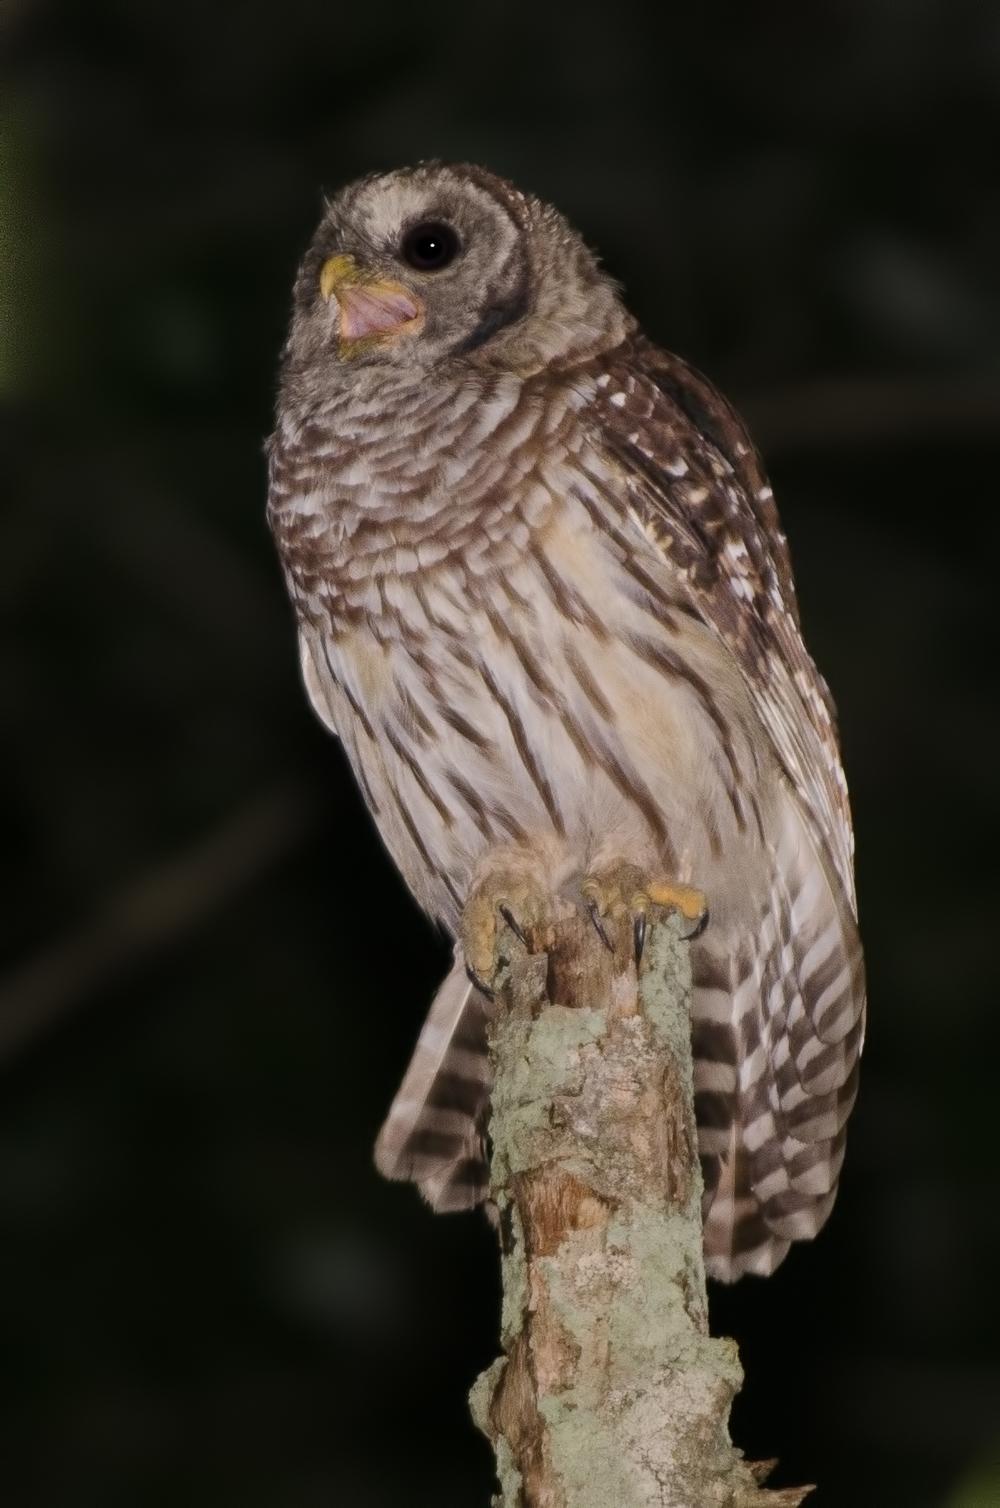 Juvenile Barred Owl Nikon D7000 ISO 800 200mm f/4.0 1/80 sec.